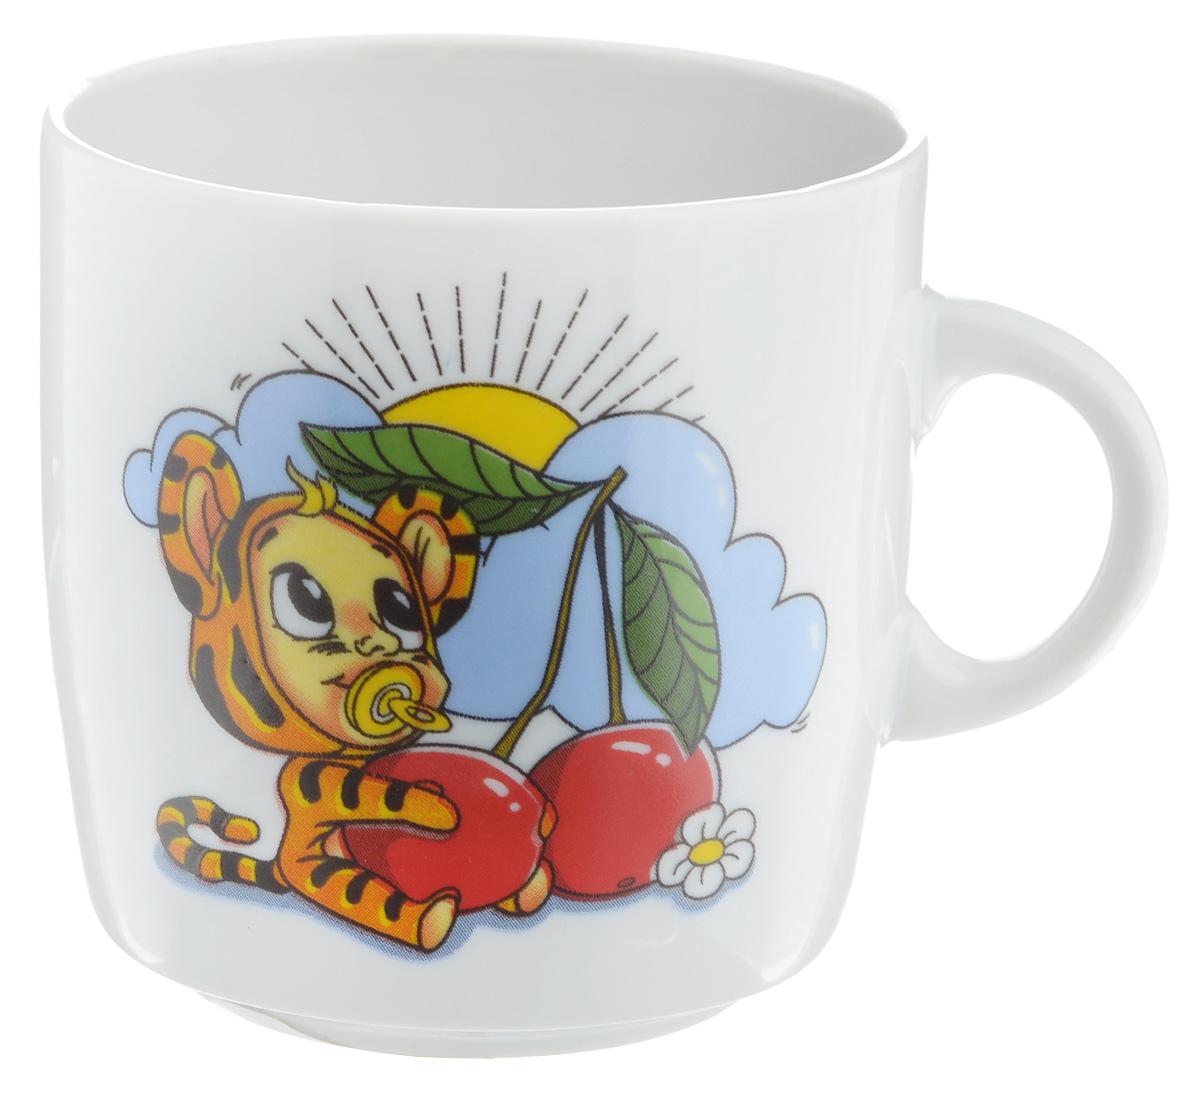 Кружка Фарфор Вербилок Тигрята, 210 мл8711520Кружка Фарфор Вербилок Тигрята способна скрасить любое чаепитие. Изделие выполнено из высококачественного фарфора. Посуда из такого материала позволяет сохранить истинный вкус напитка, а также помогает ему дольше оставаться теплым. Диаметр по верхнему краю: 7 см. Высота кружки: 7,5 см.